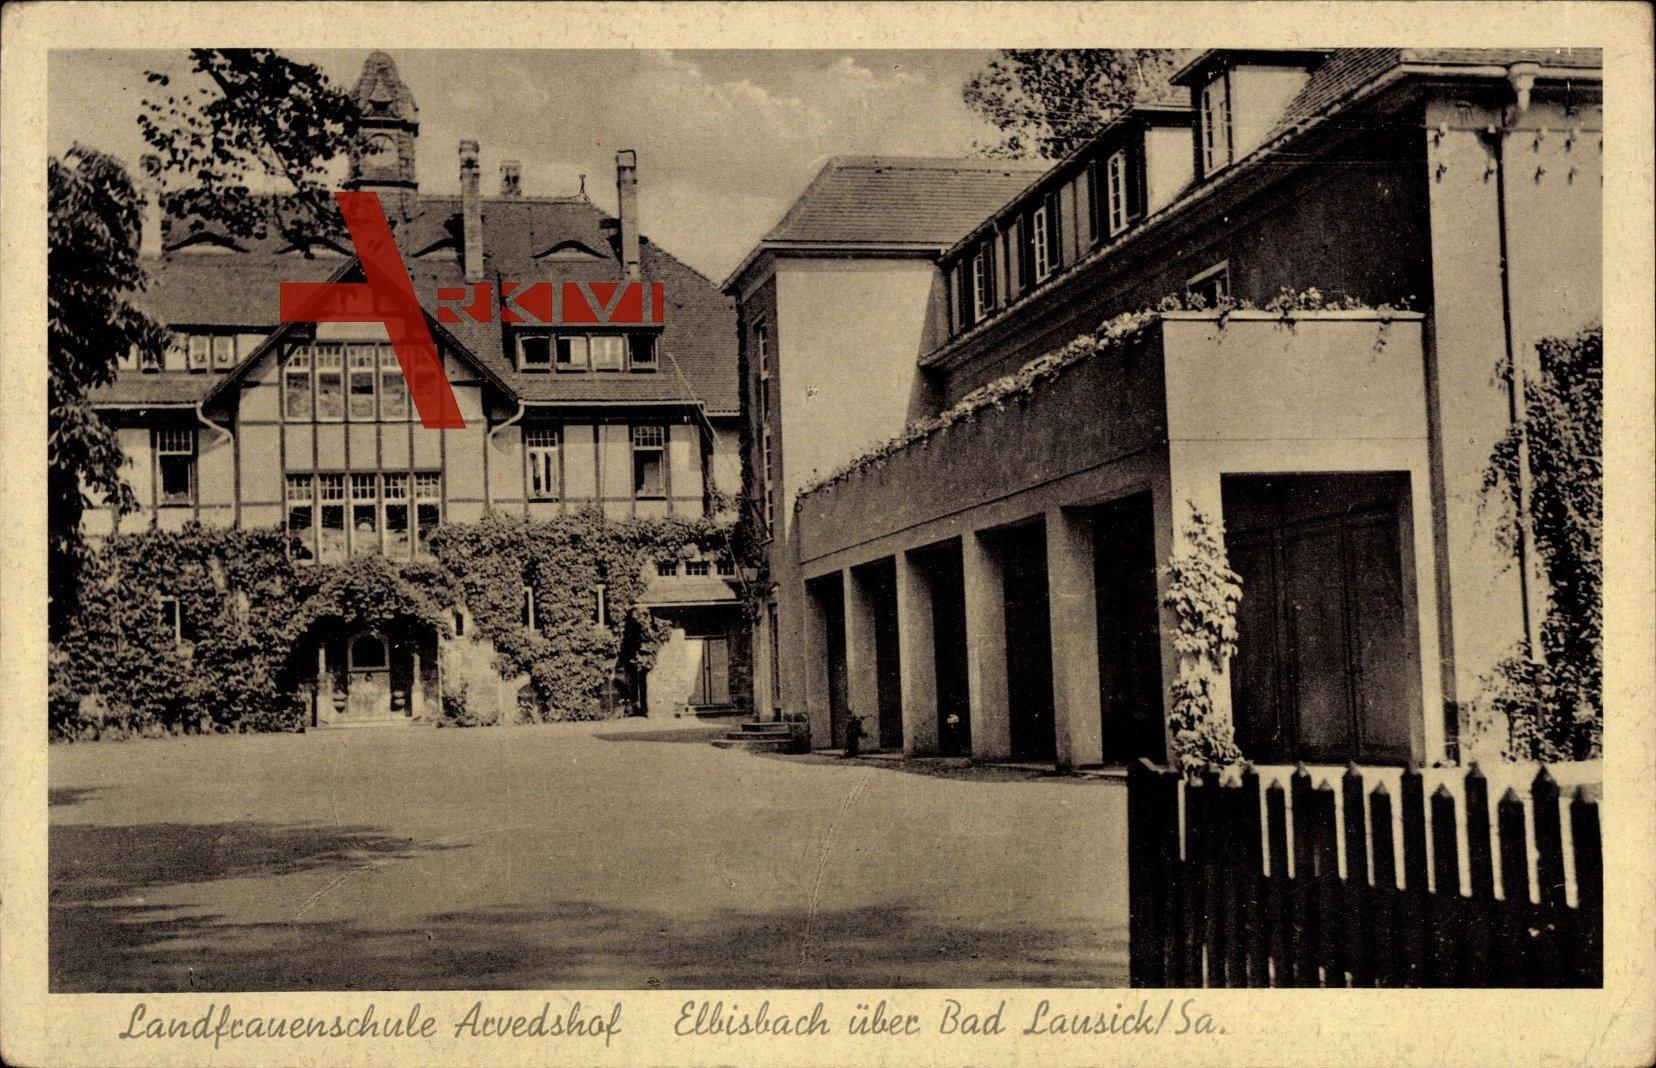 schwarz schwarz prono Geithain(Saxony)